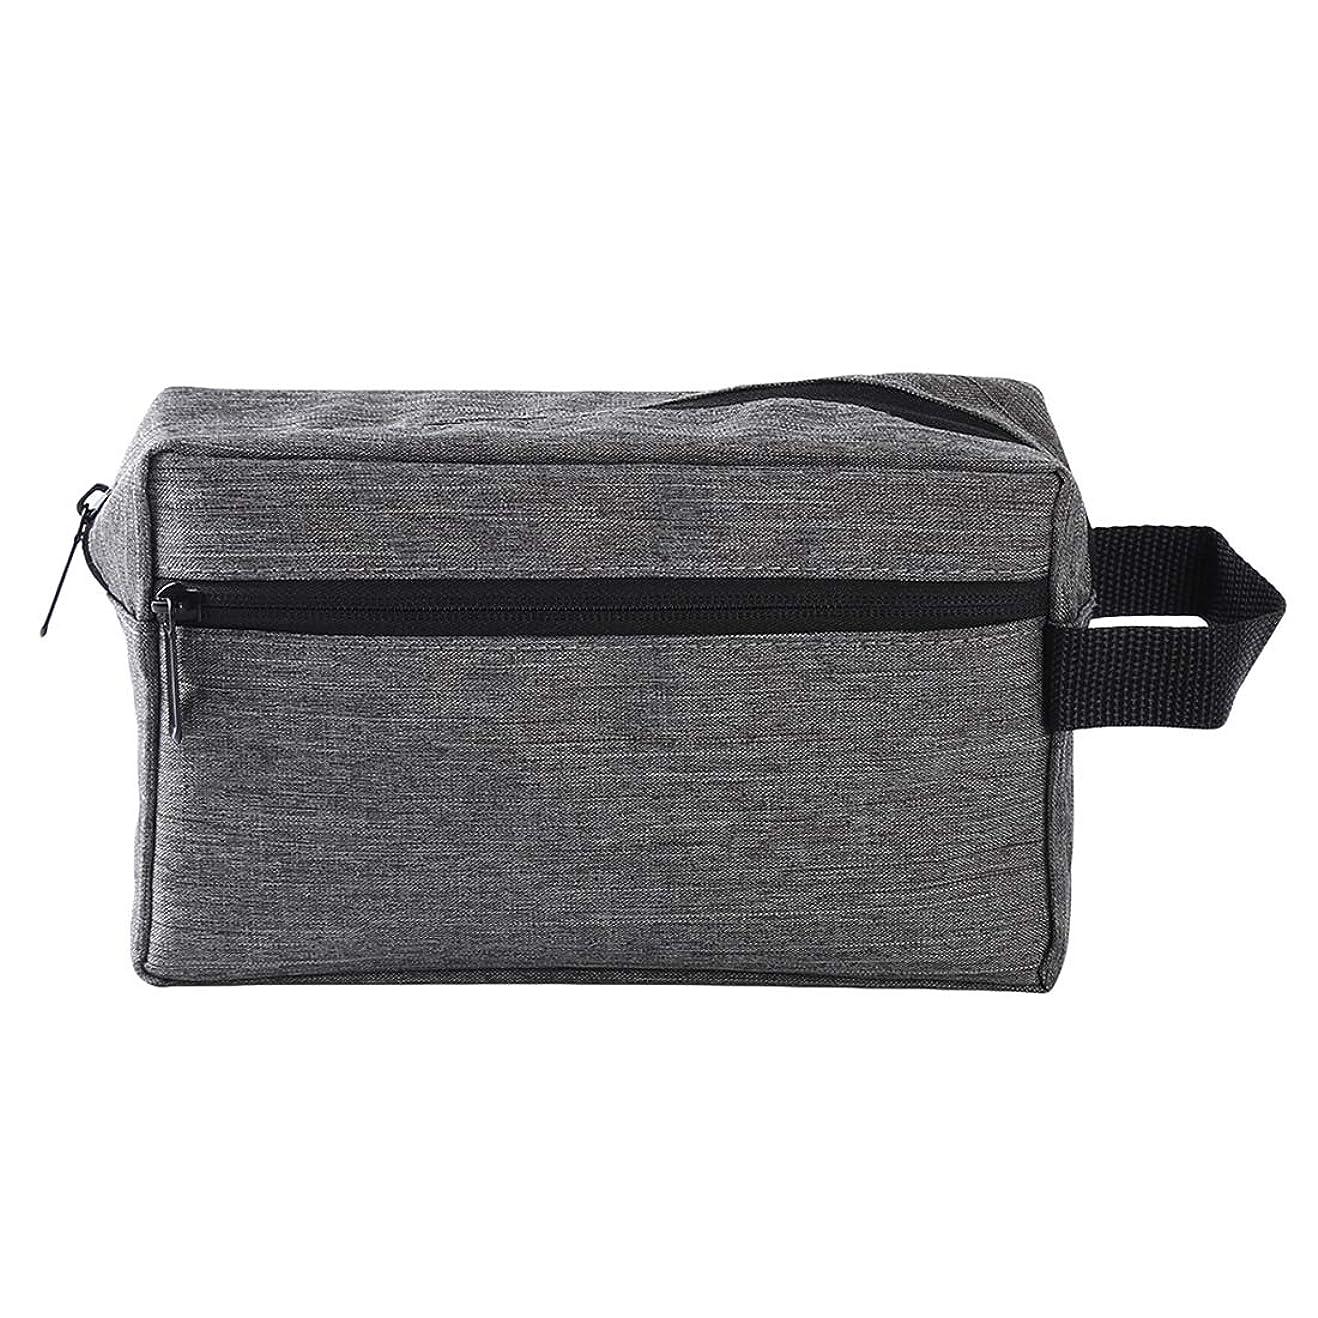 KLUMA 化粧ポーチ メイクポーチ コスメポーチ 化粧品収納バッグ 洗面用具入れ 持ち運び便利 普段使い 出張